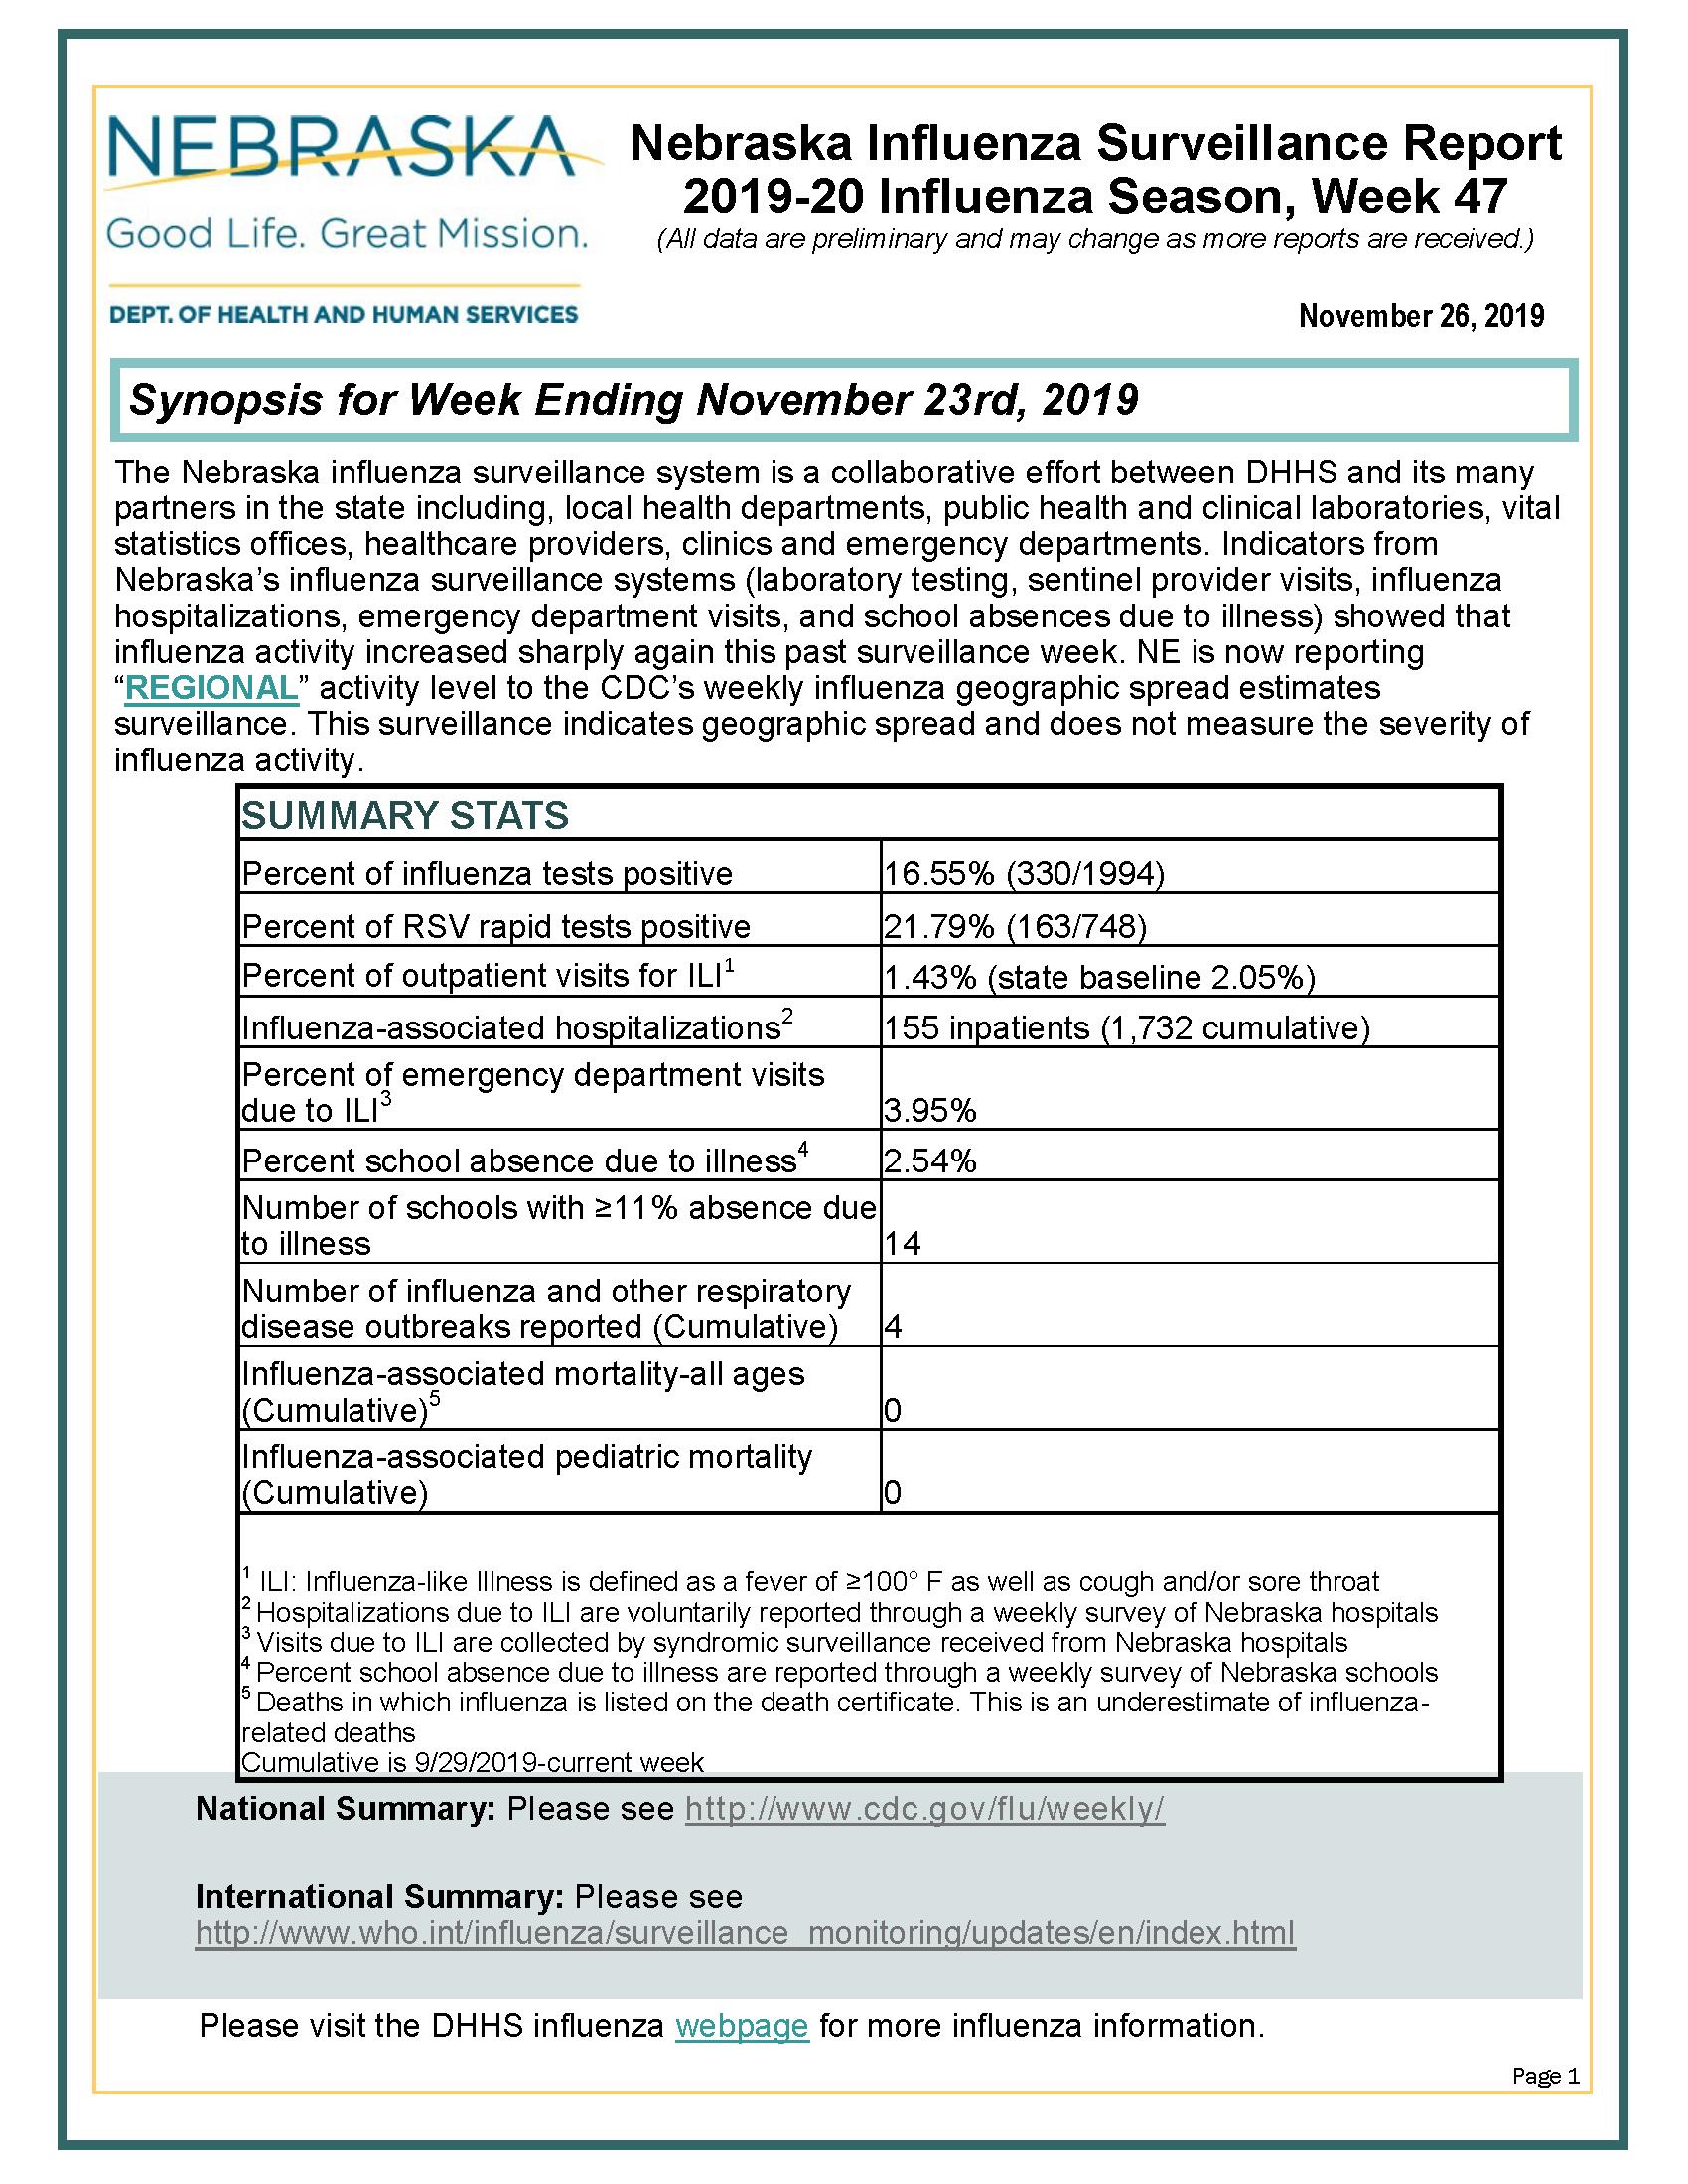 Nebraska Influenza Surveillance Report 2019-20 Influenza Season Week 47